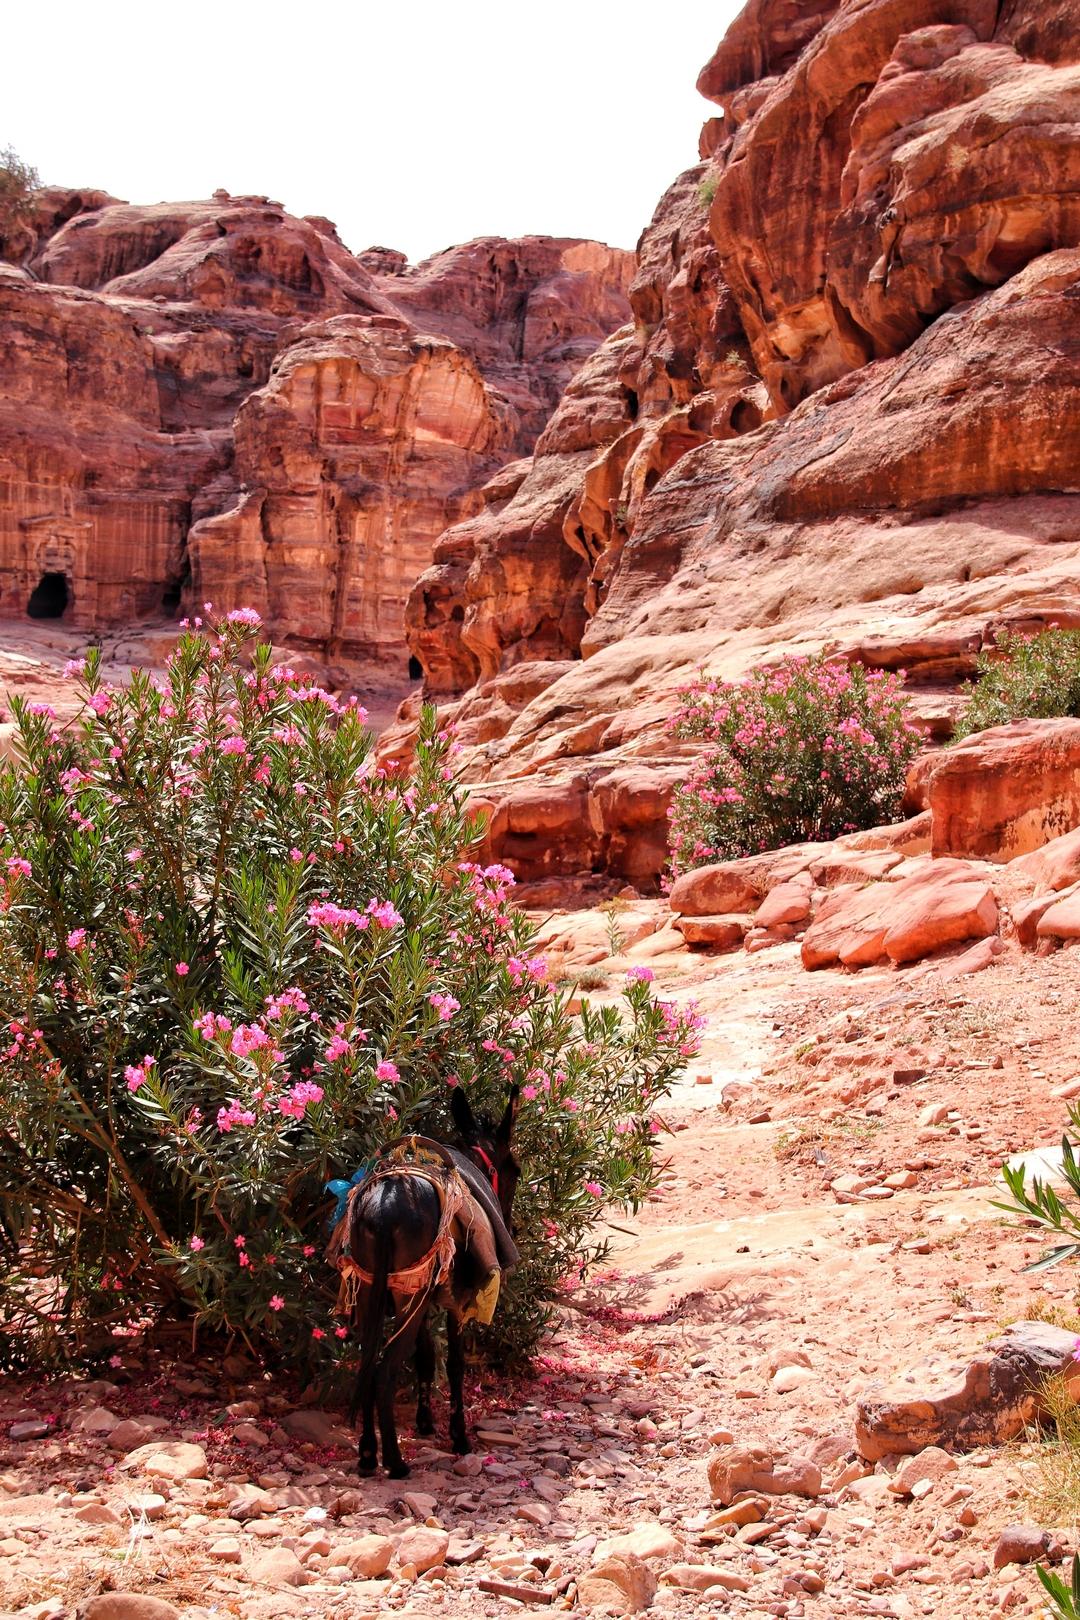 Jordanie - Ane et lauriers roses sur le site de Petra